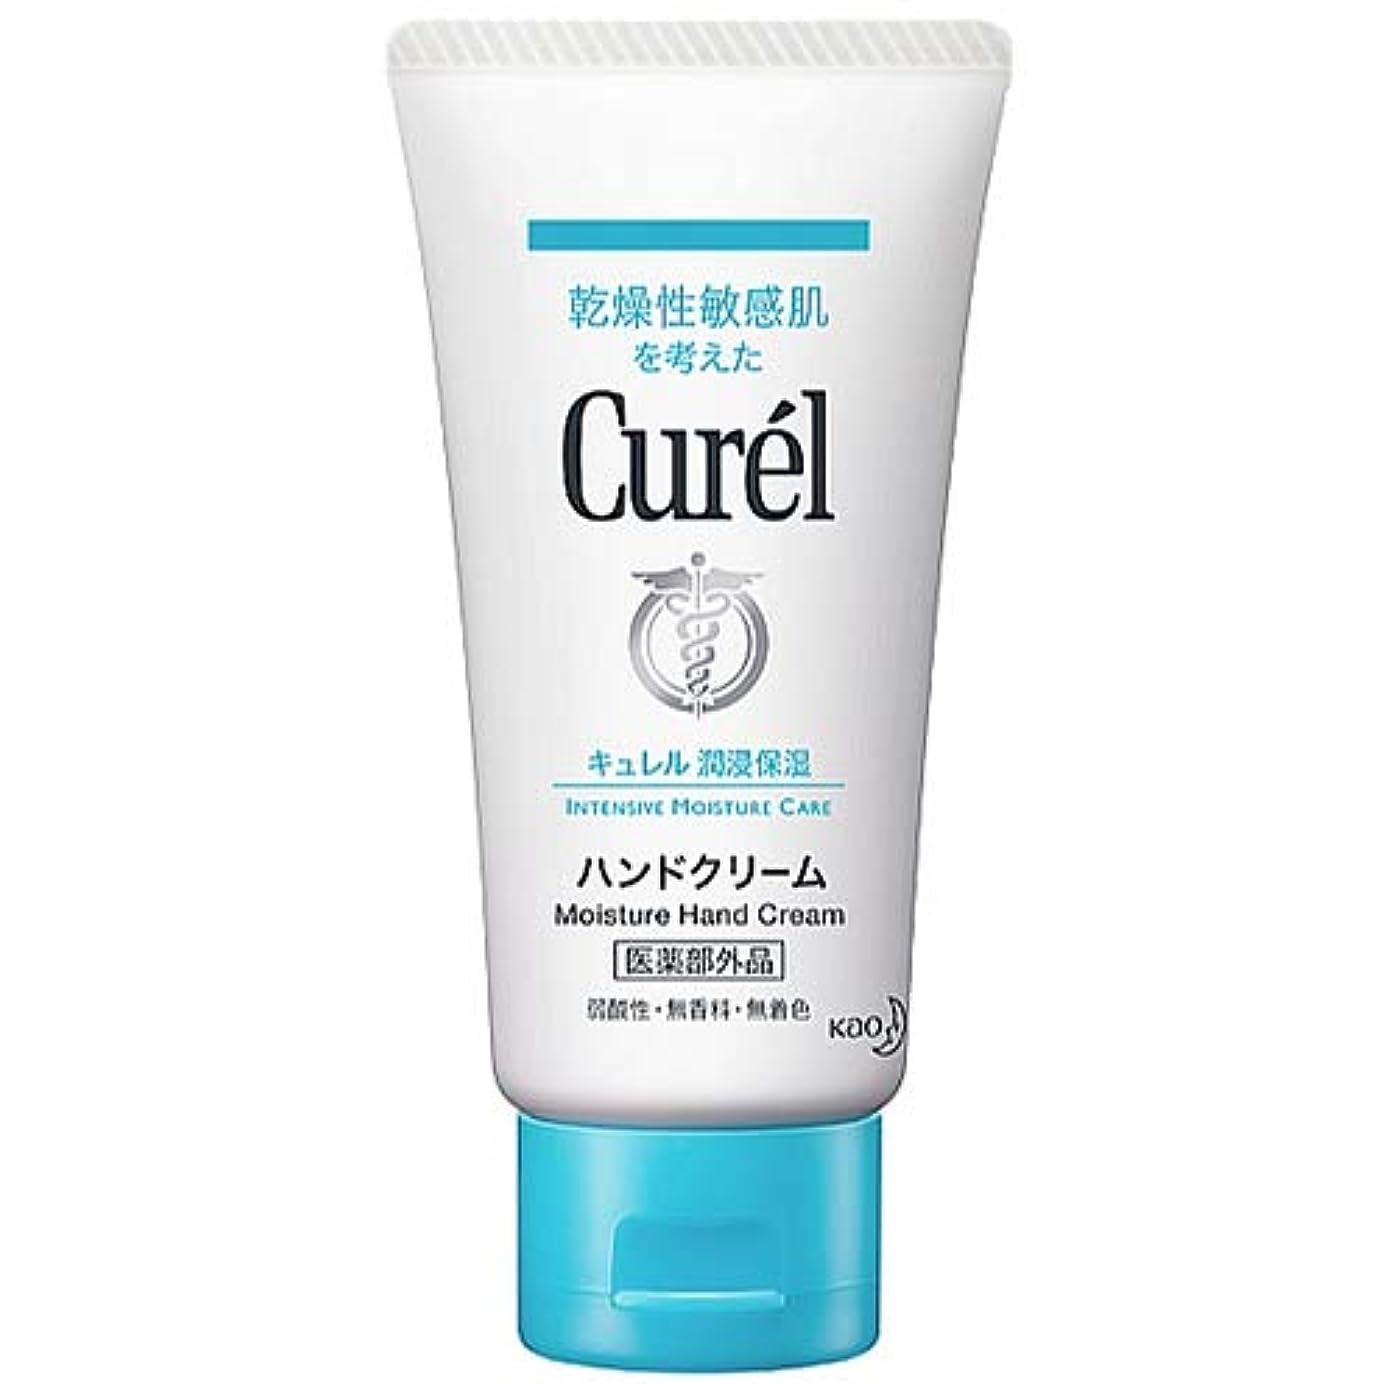 ベックス分析的なスリルキュレル CUREL ハンドクリーム 50g [並行輸入品]